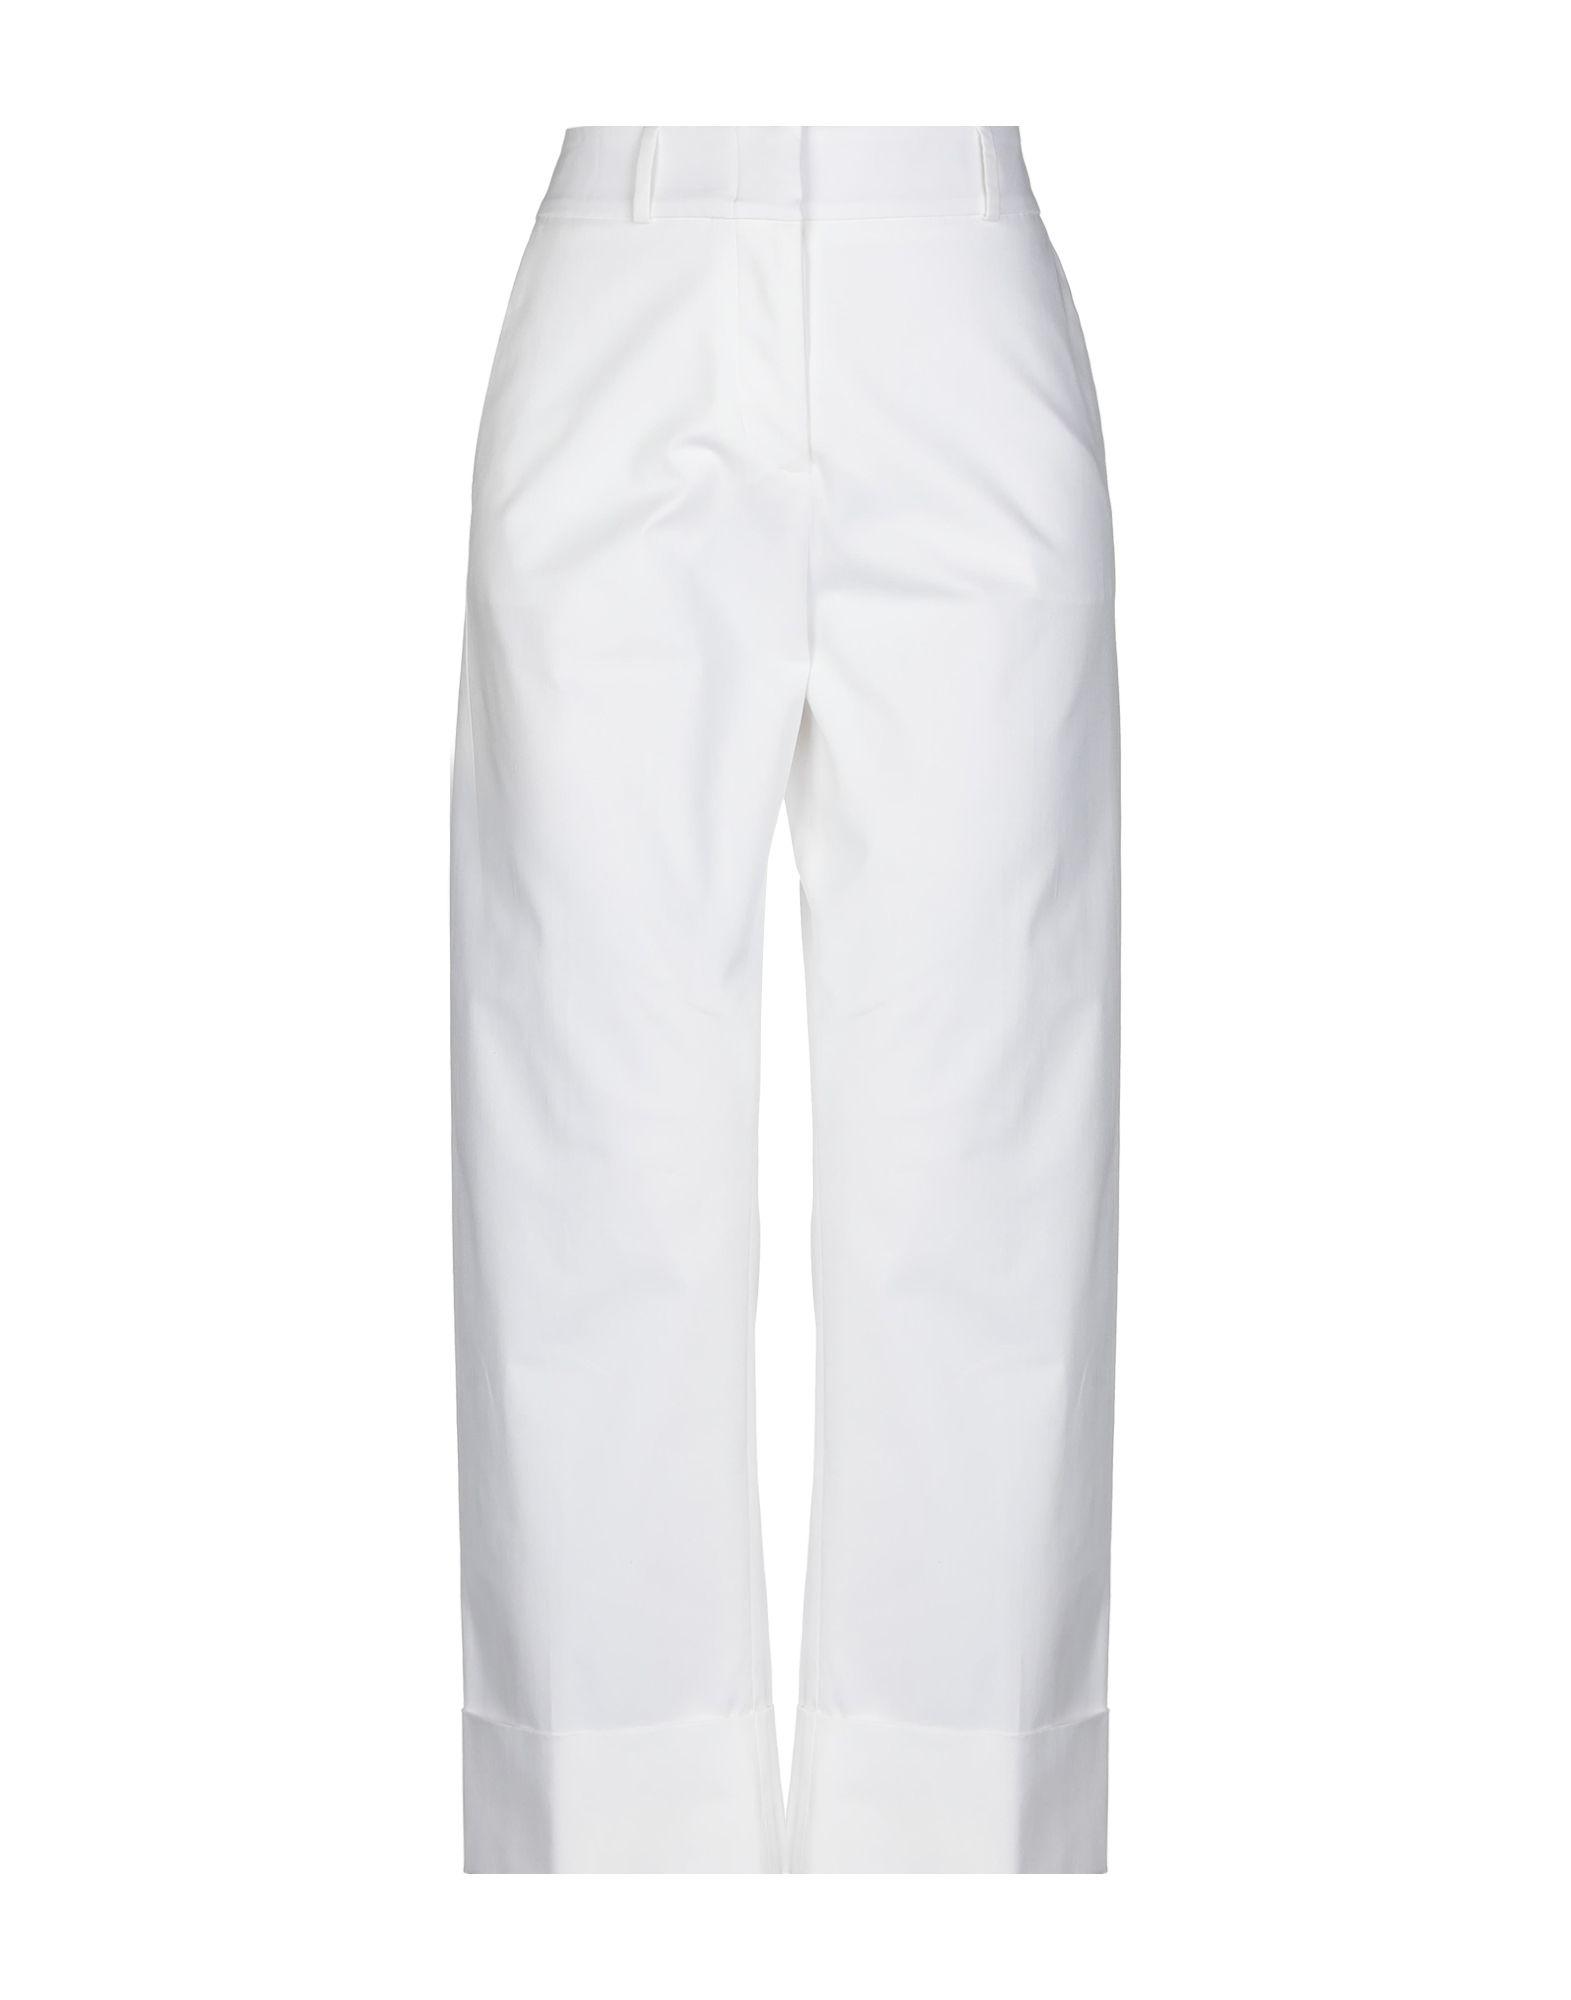 Pantalone Ql2  Quelledue damen - 13273216TL